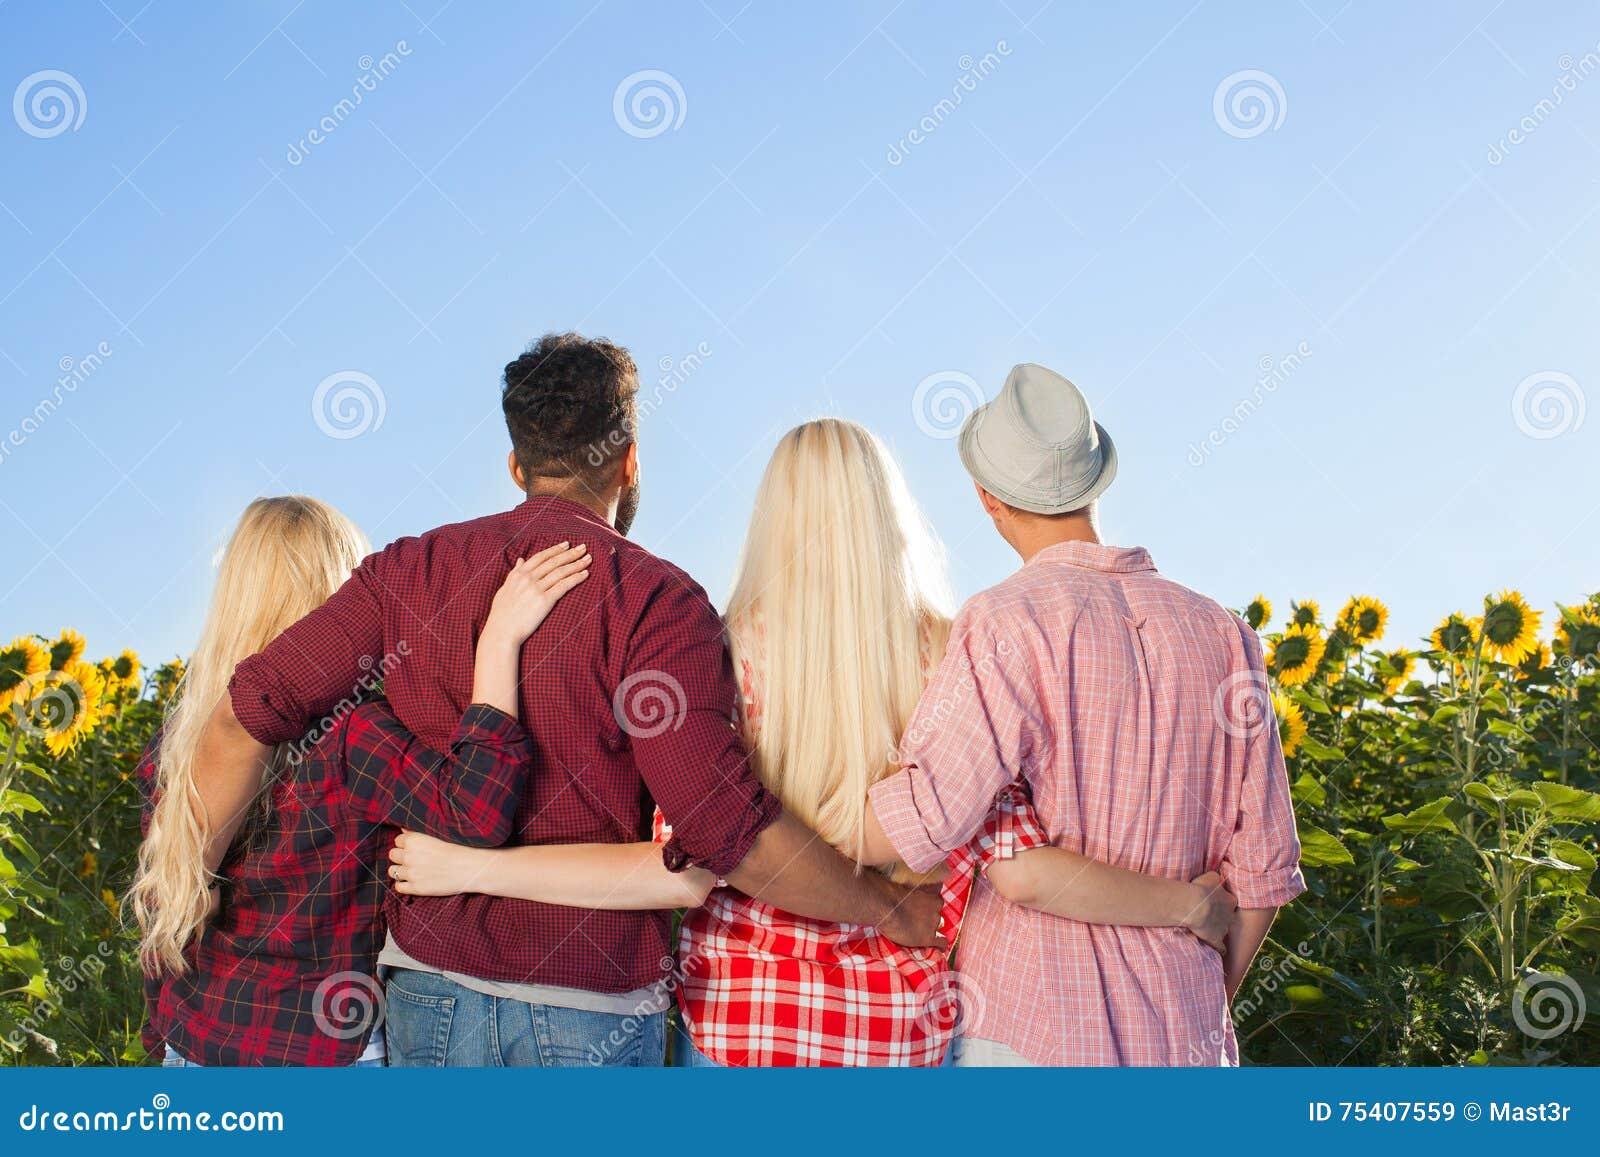 Ludzie grupują plenerowych wieś słoneczników niebieskiego nieba tyły plecy śródpolnego widok